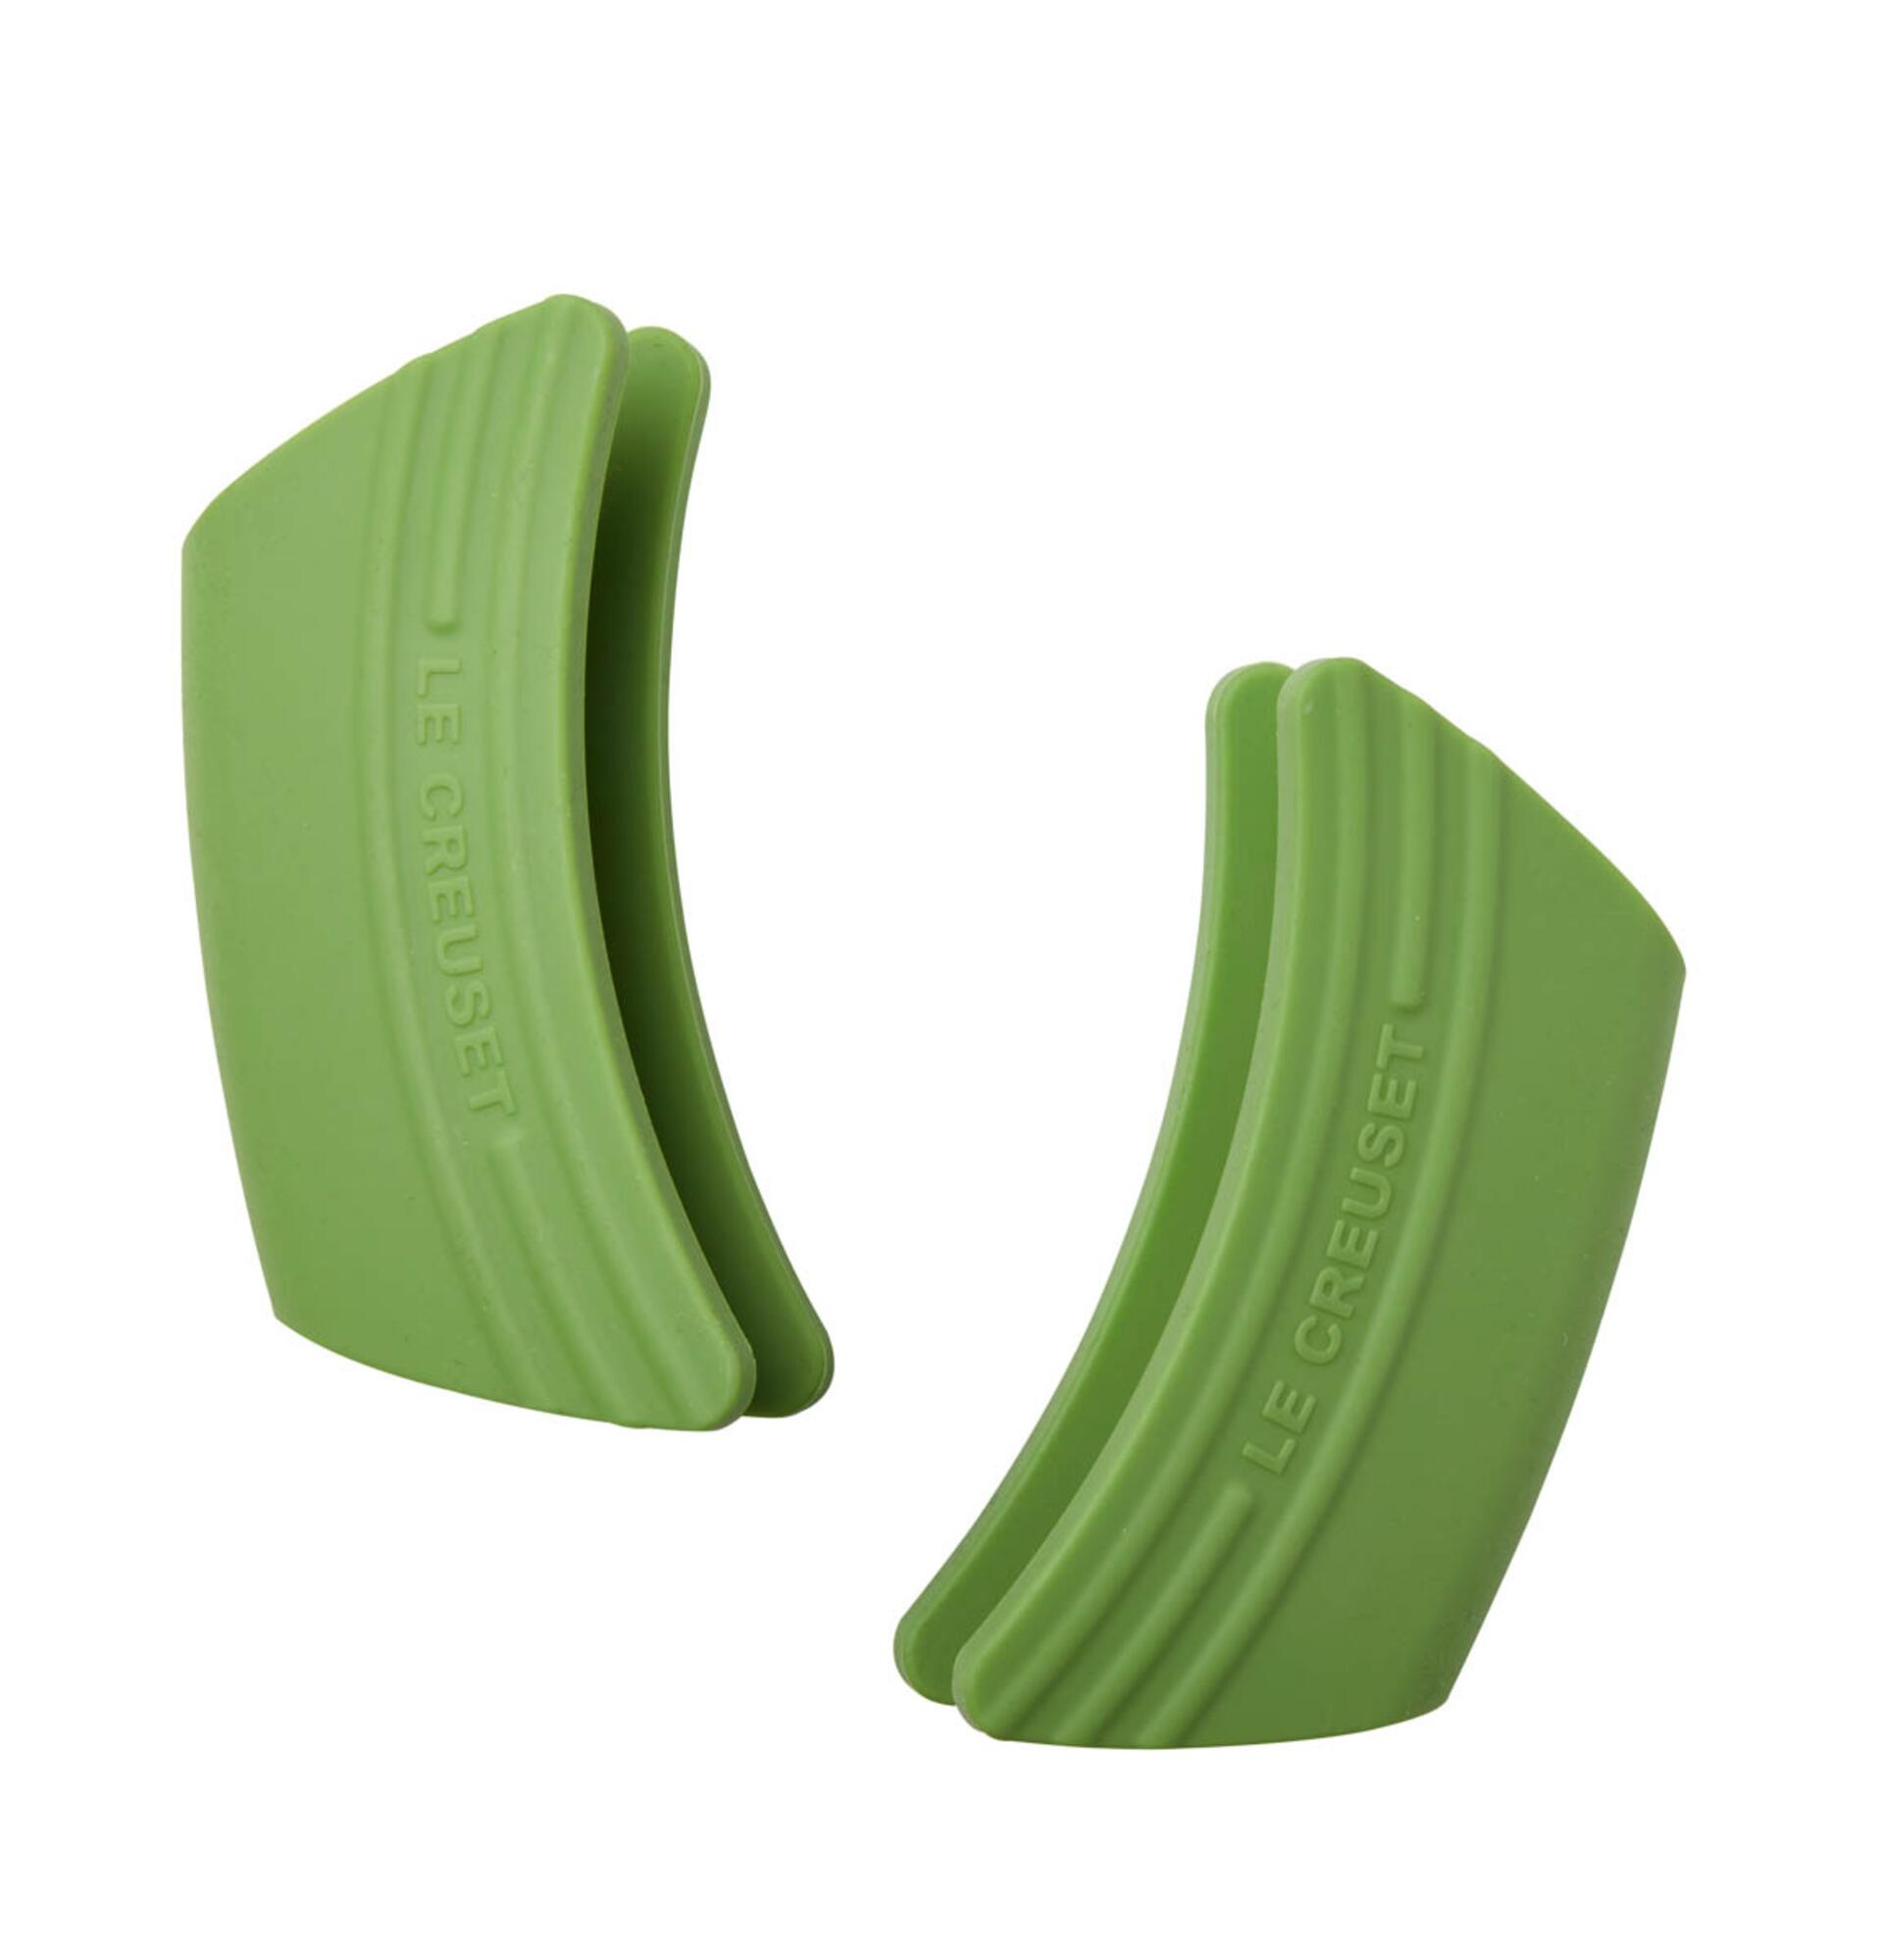 Le Creuset Silikon-Griffschutz (2er-Set) Palm